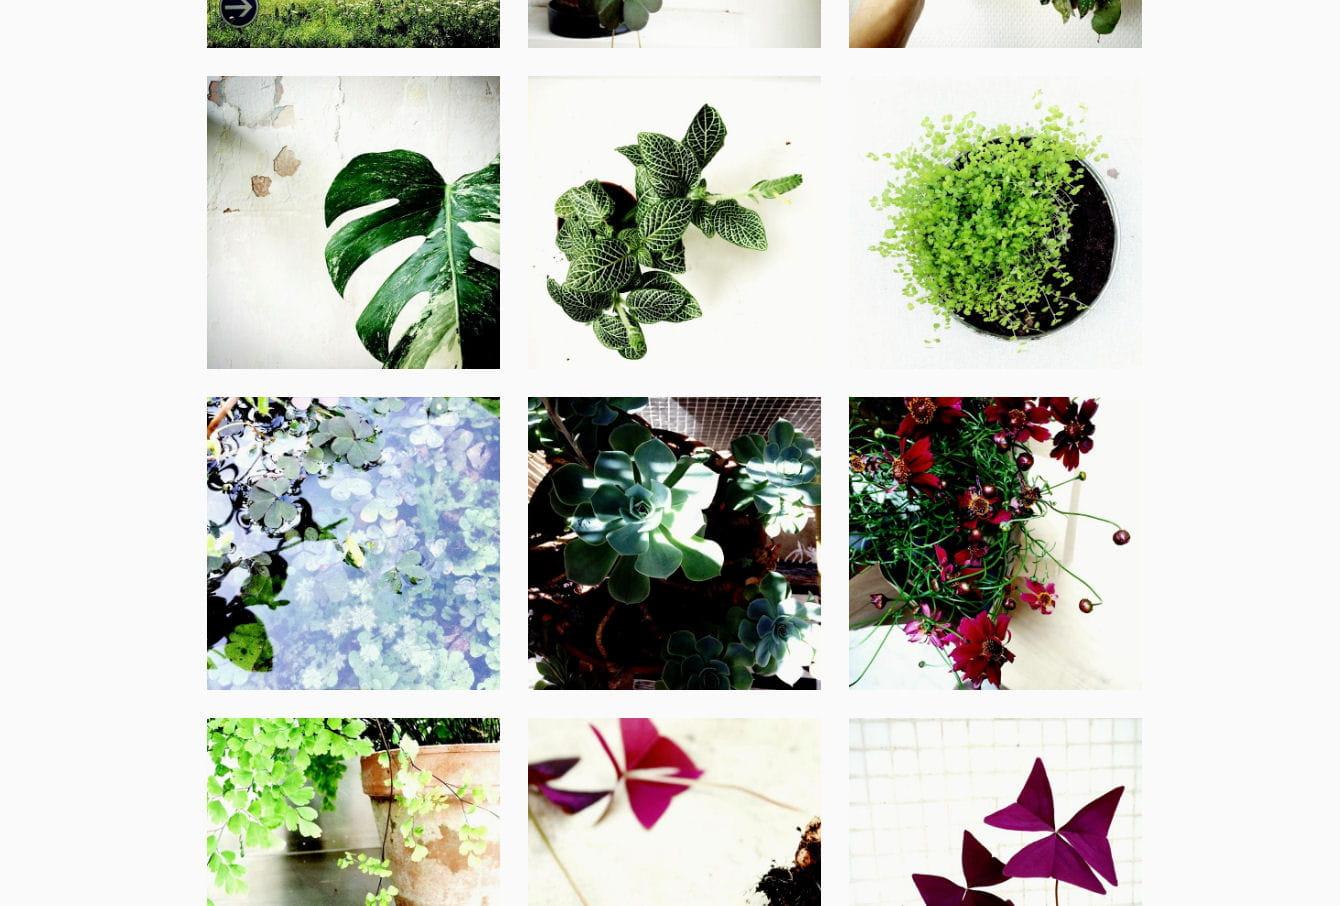 5 comptes instagram qui donnent envie d 39 avoir la main verte journal des femmes - Avoir la main verte ...